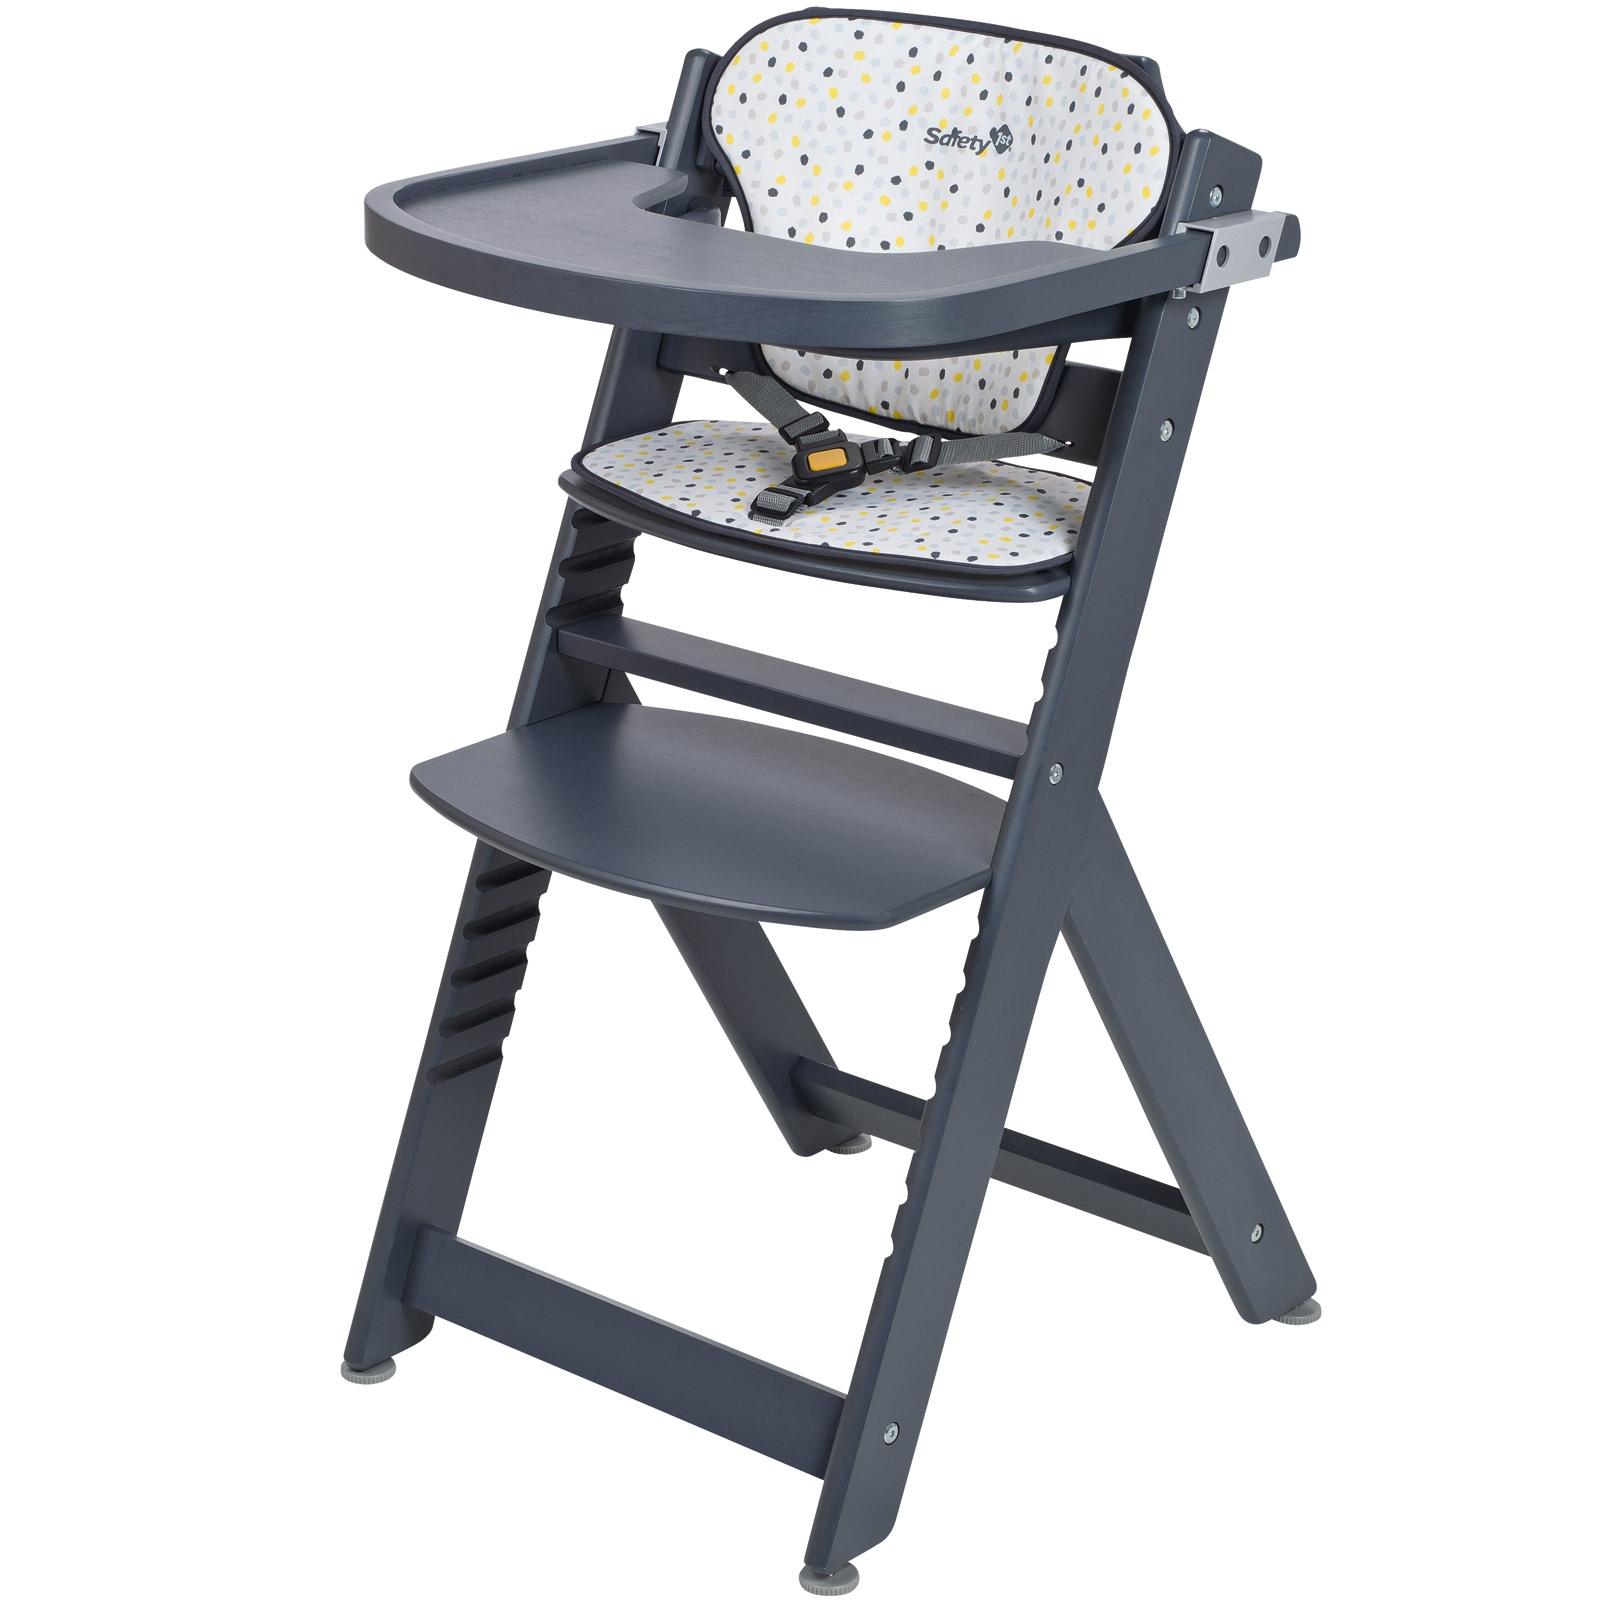 1 Frais De Chaise Bar Conforama Des Idées